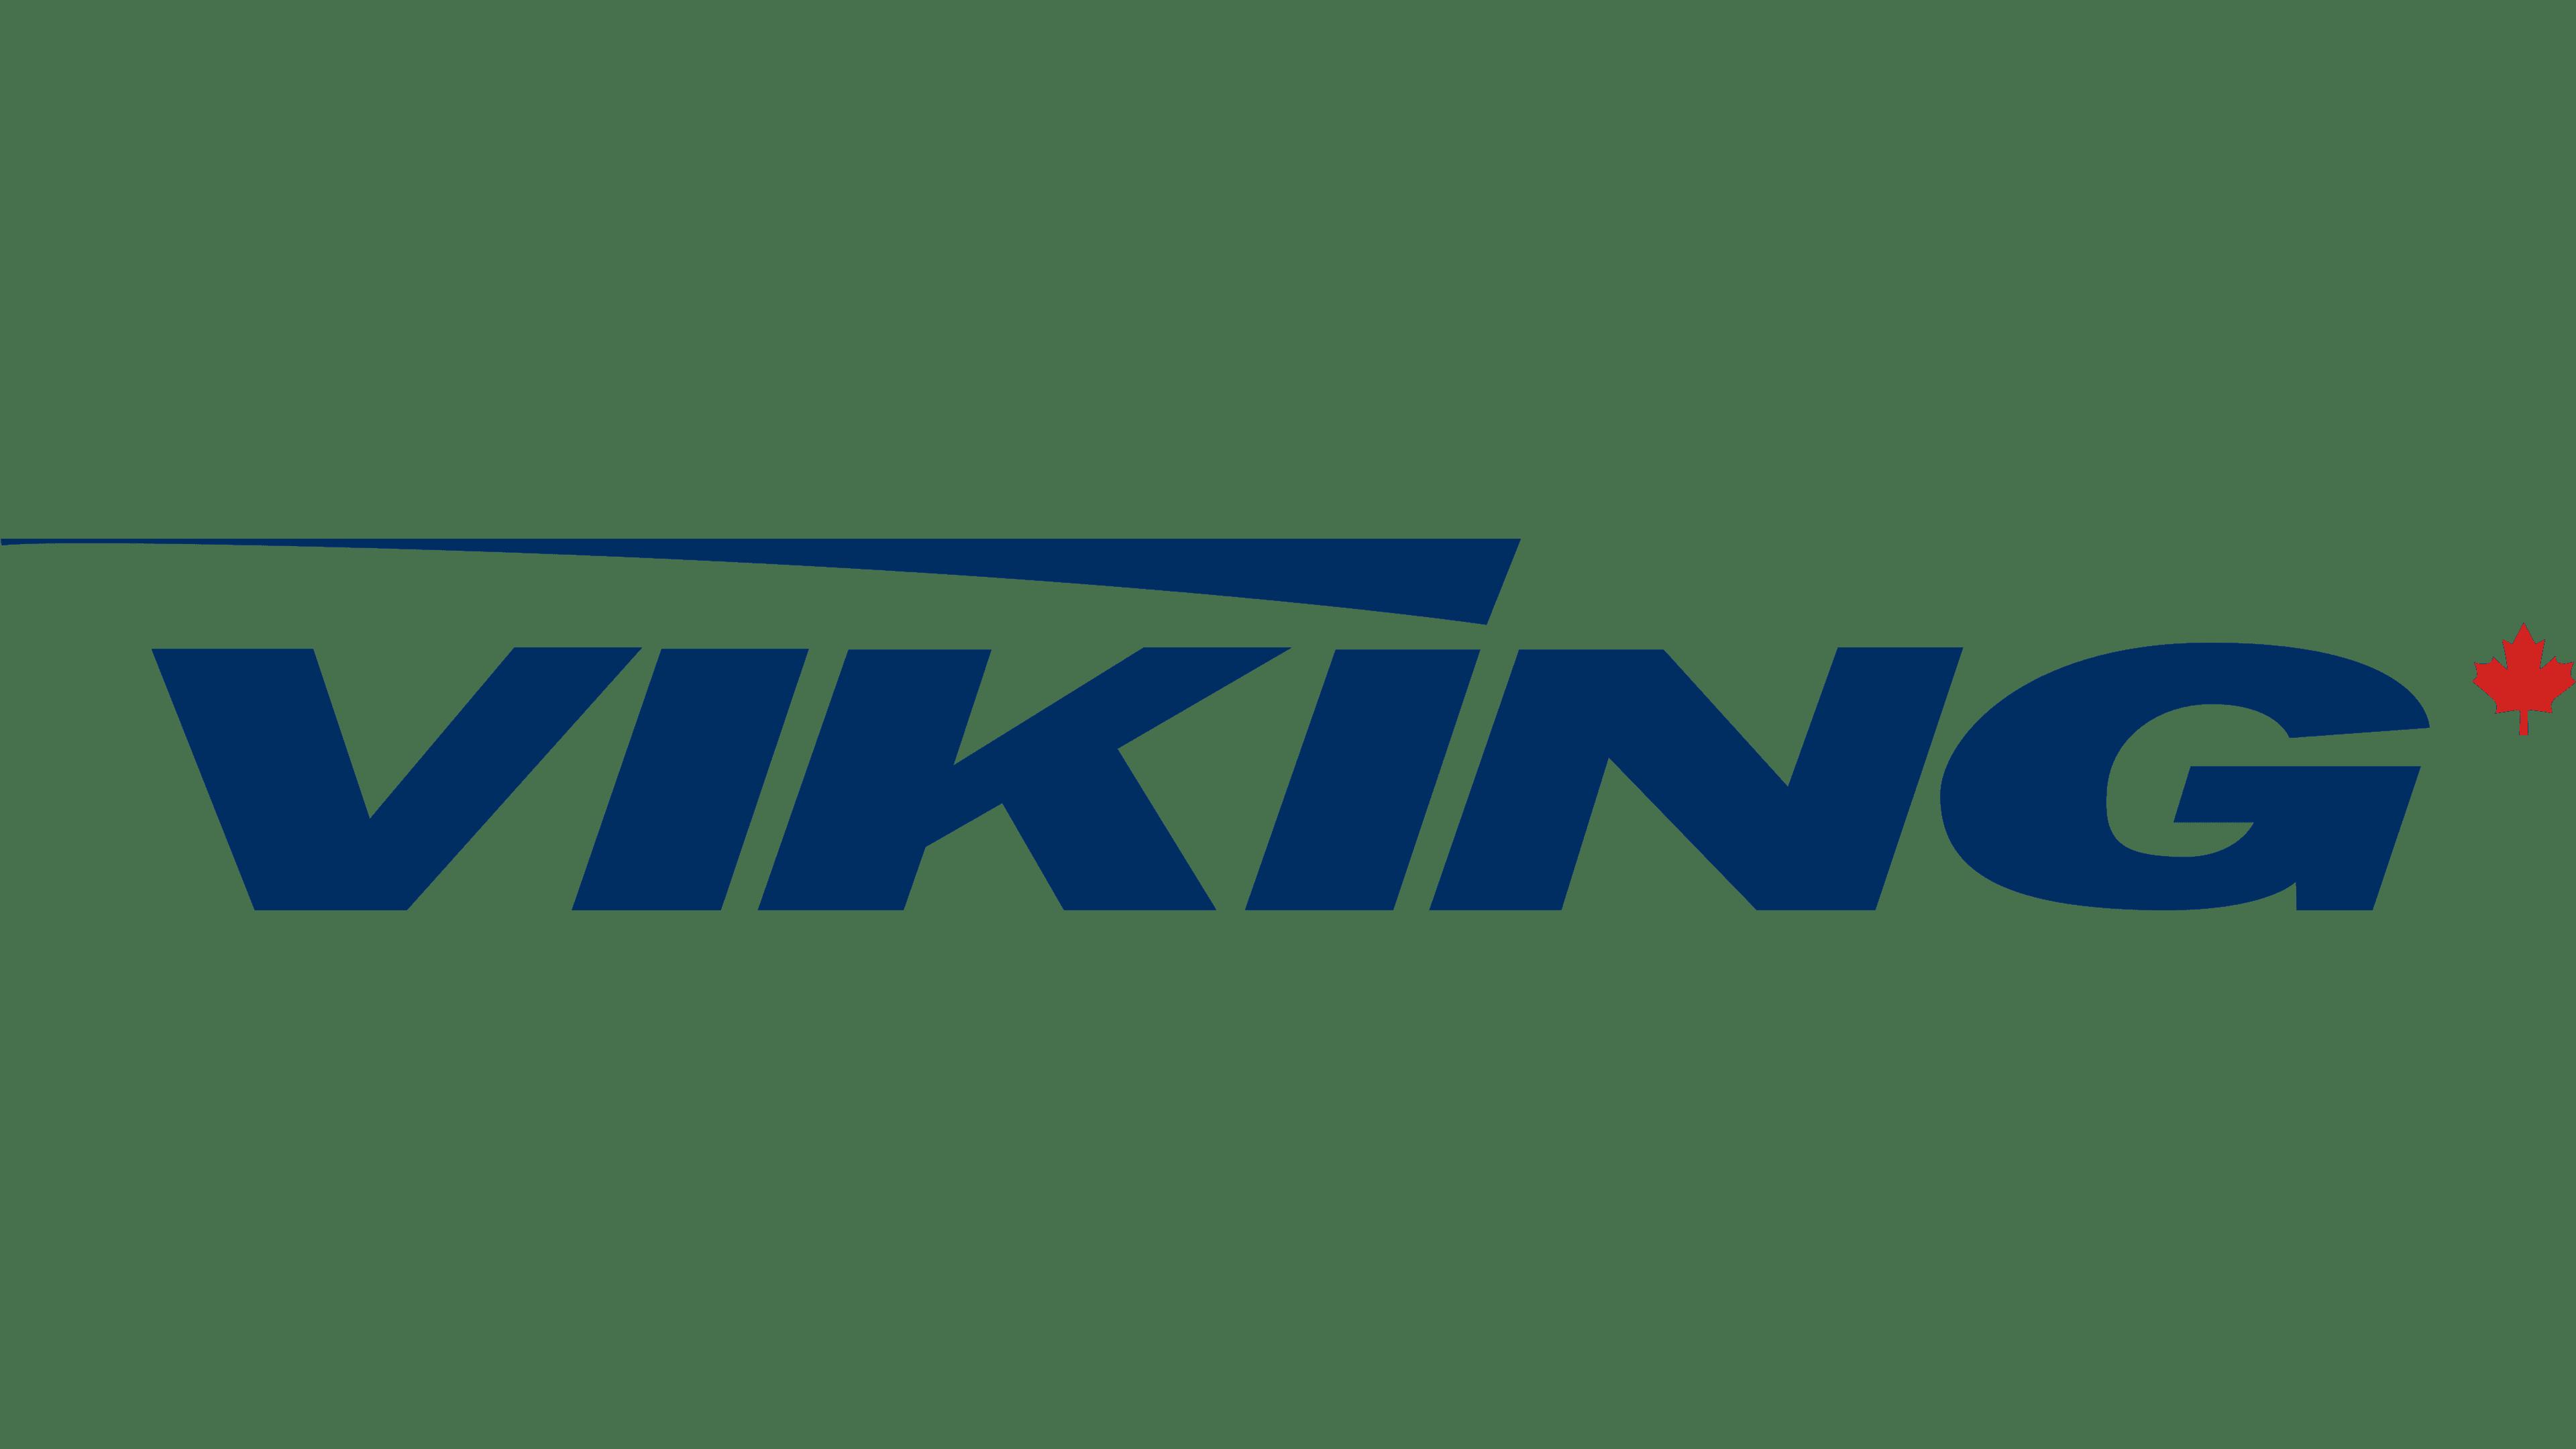 Viking Air Logo Logo